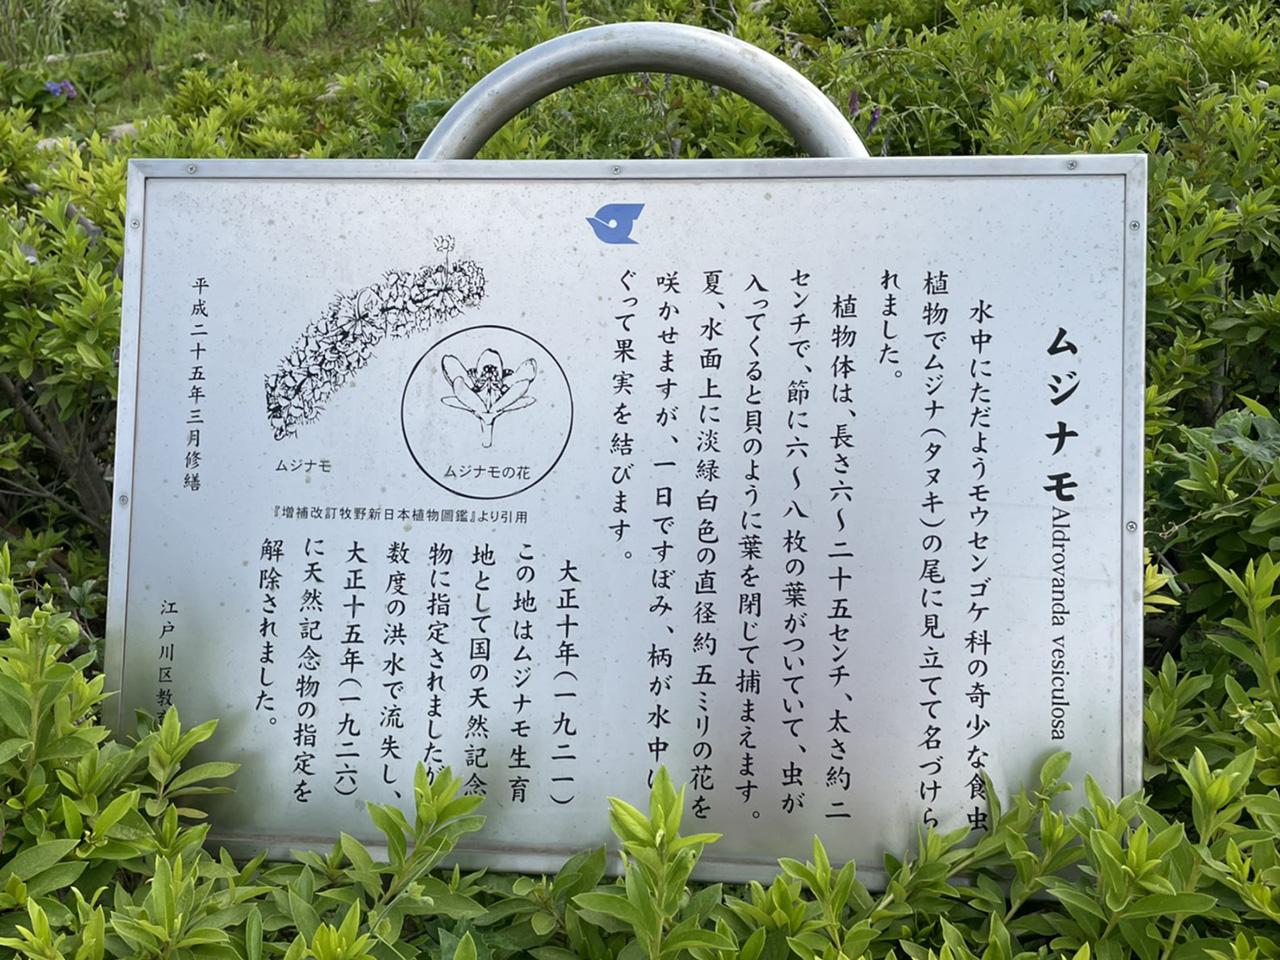 ムジナモの案内看板の写真